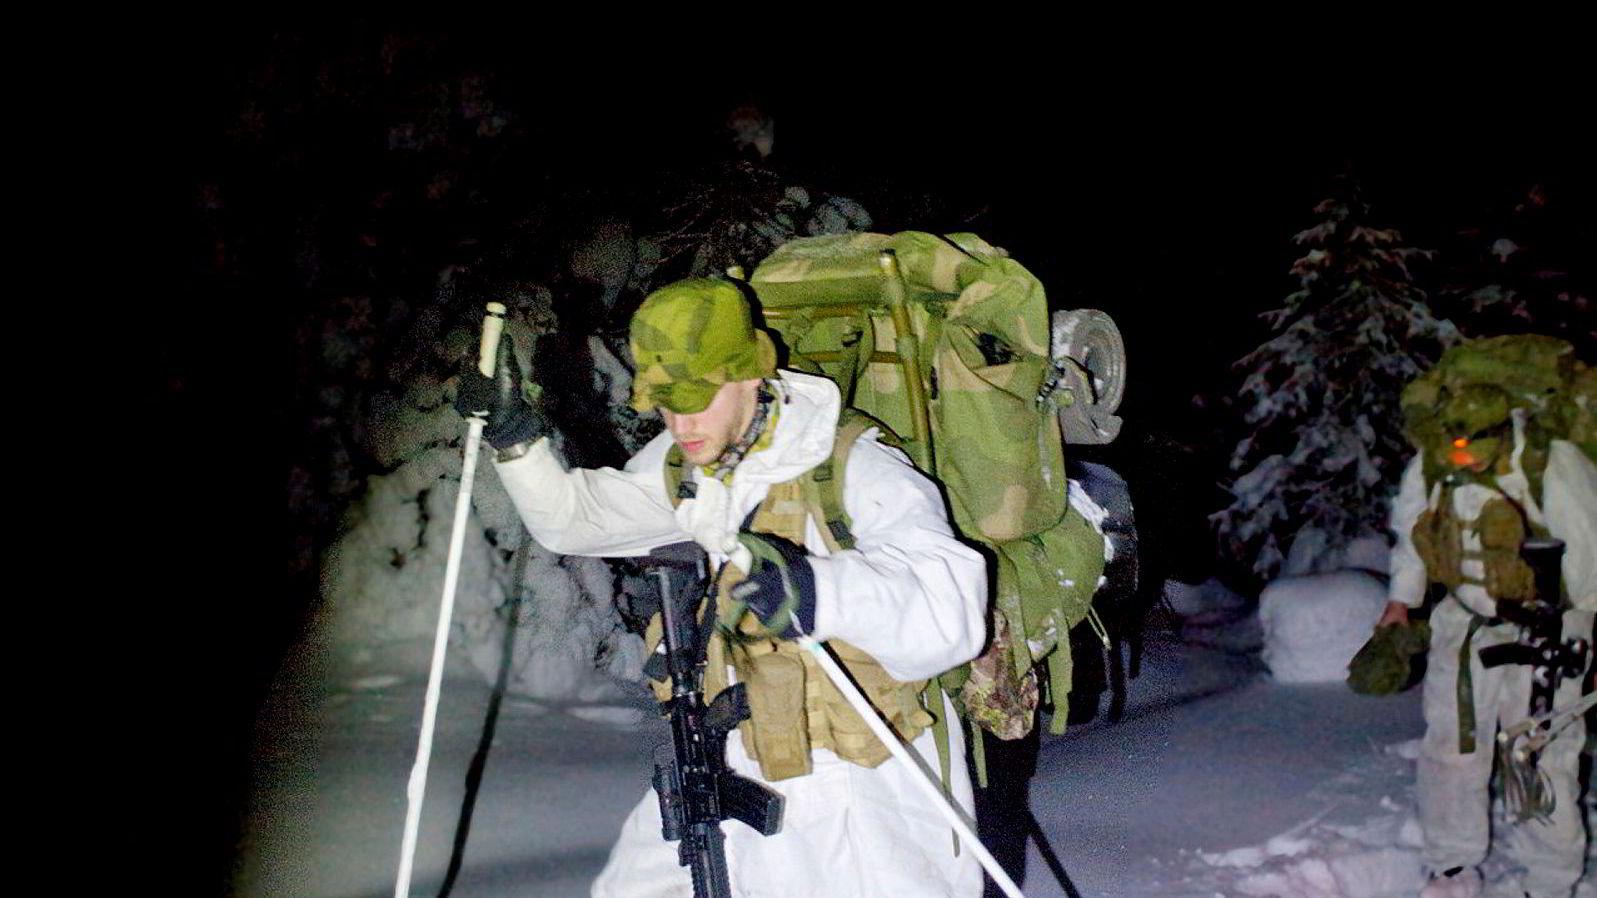 Å kaste spydet lengst og å bære tyngst har vært avgjørende for å bli ansett som den best egnede soldaten, krigeren og lederen.